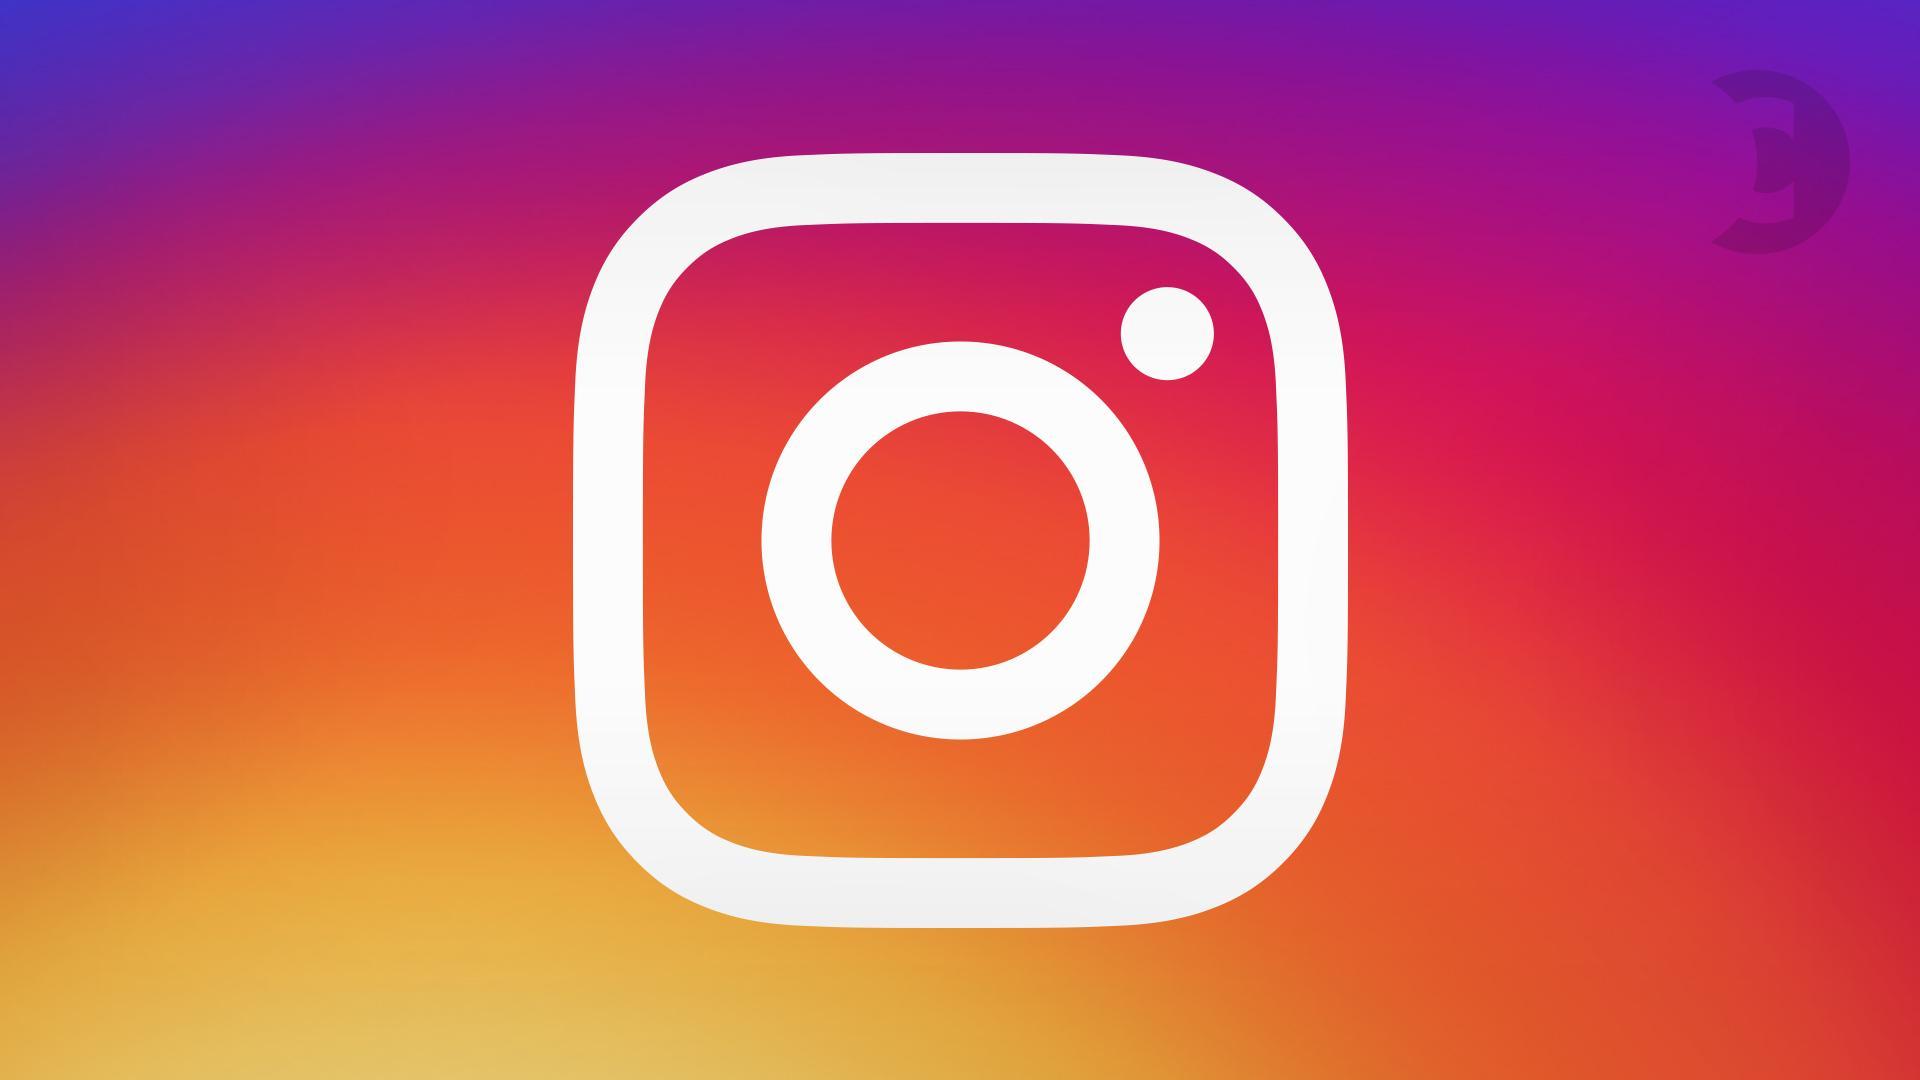 ¿Por qué todos nos tomamos las mismas fotos en Instagram?